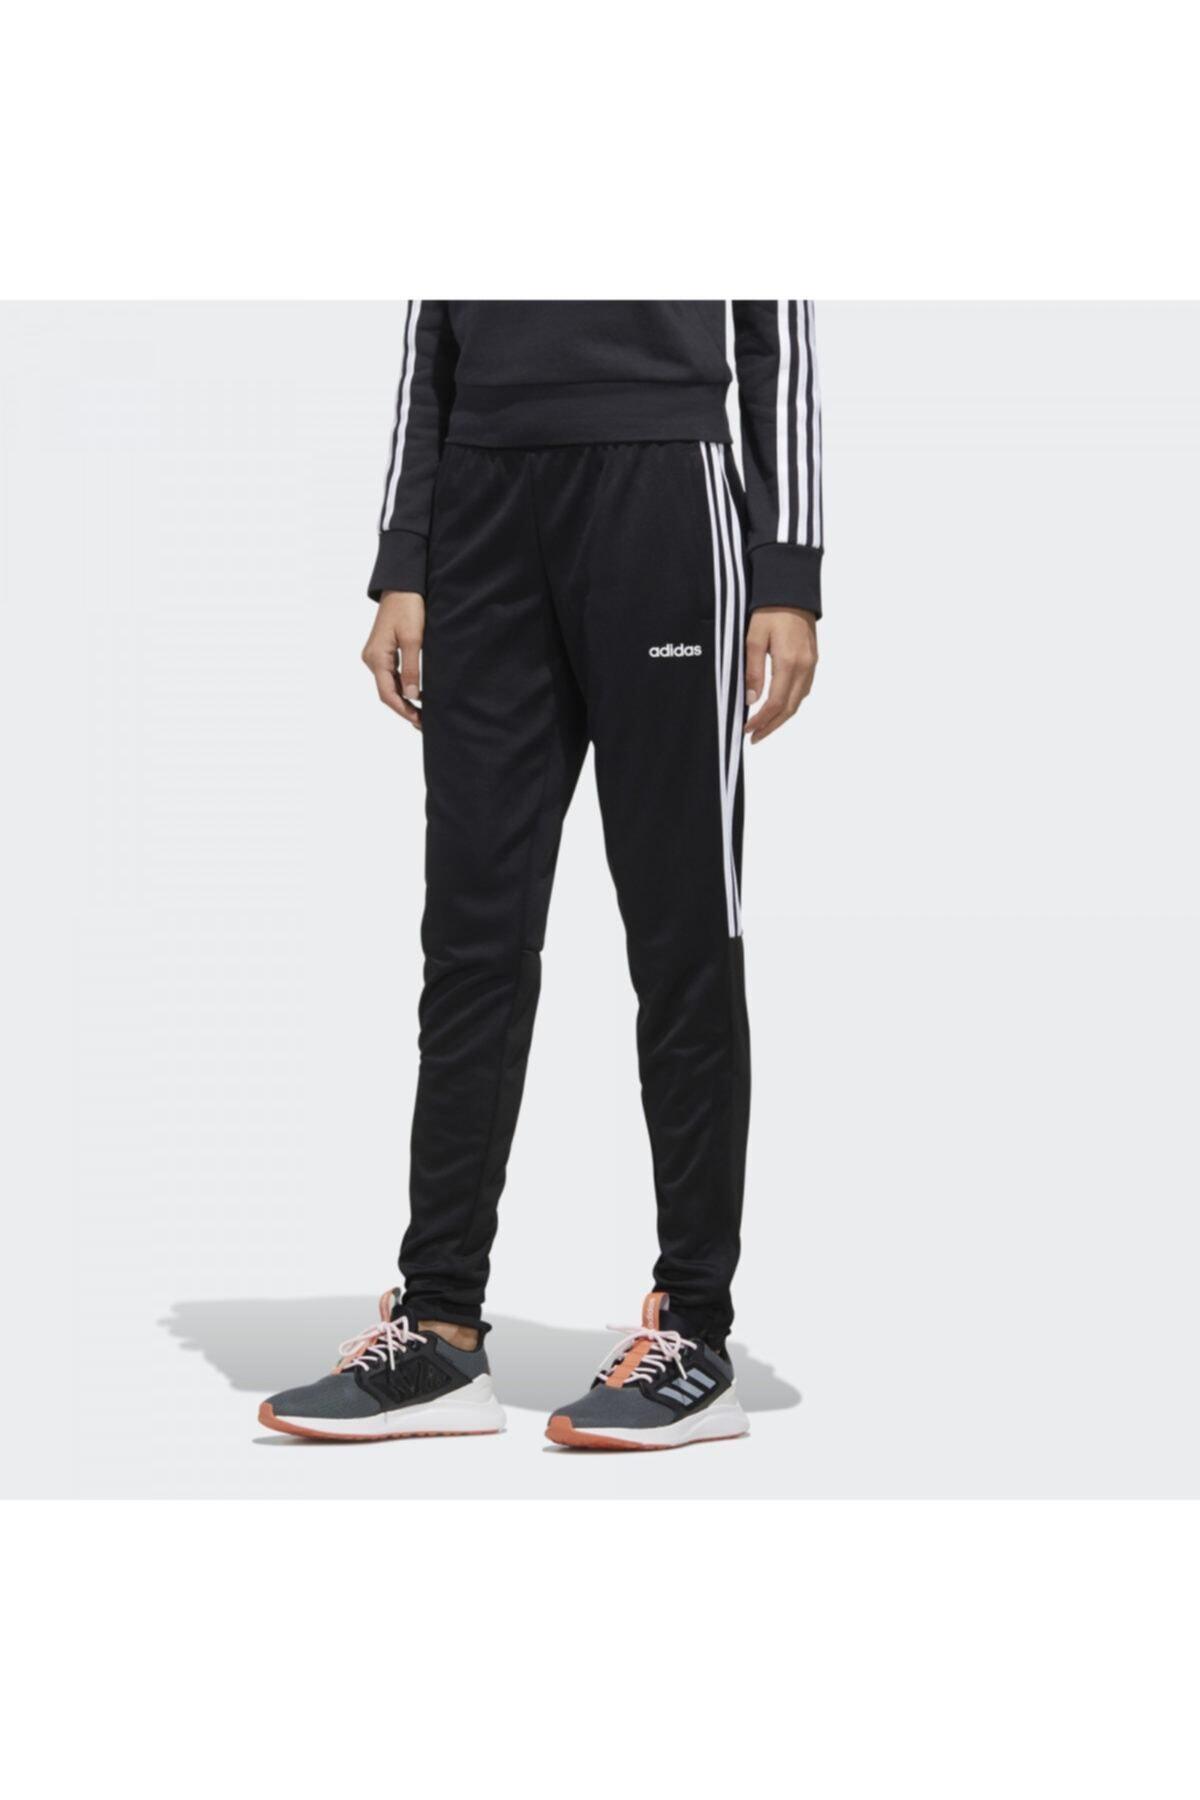 adidas W SERE19 TRG PT */ Siyah Kadın Eşofman 100547697 1